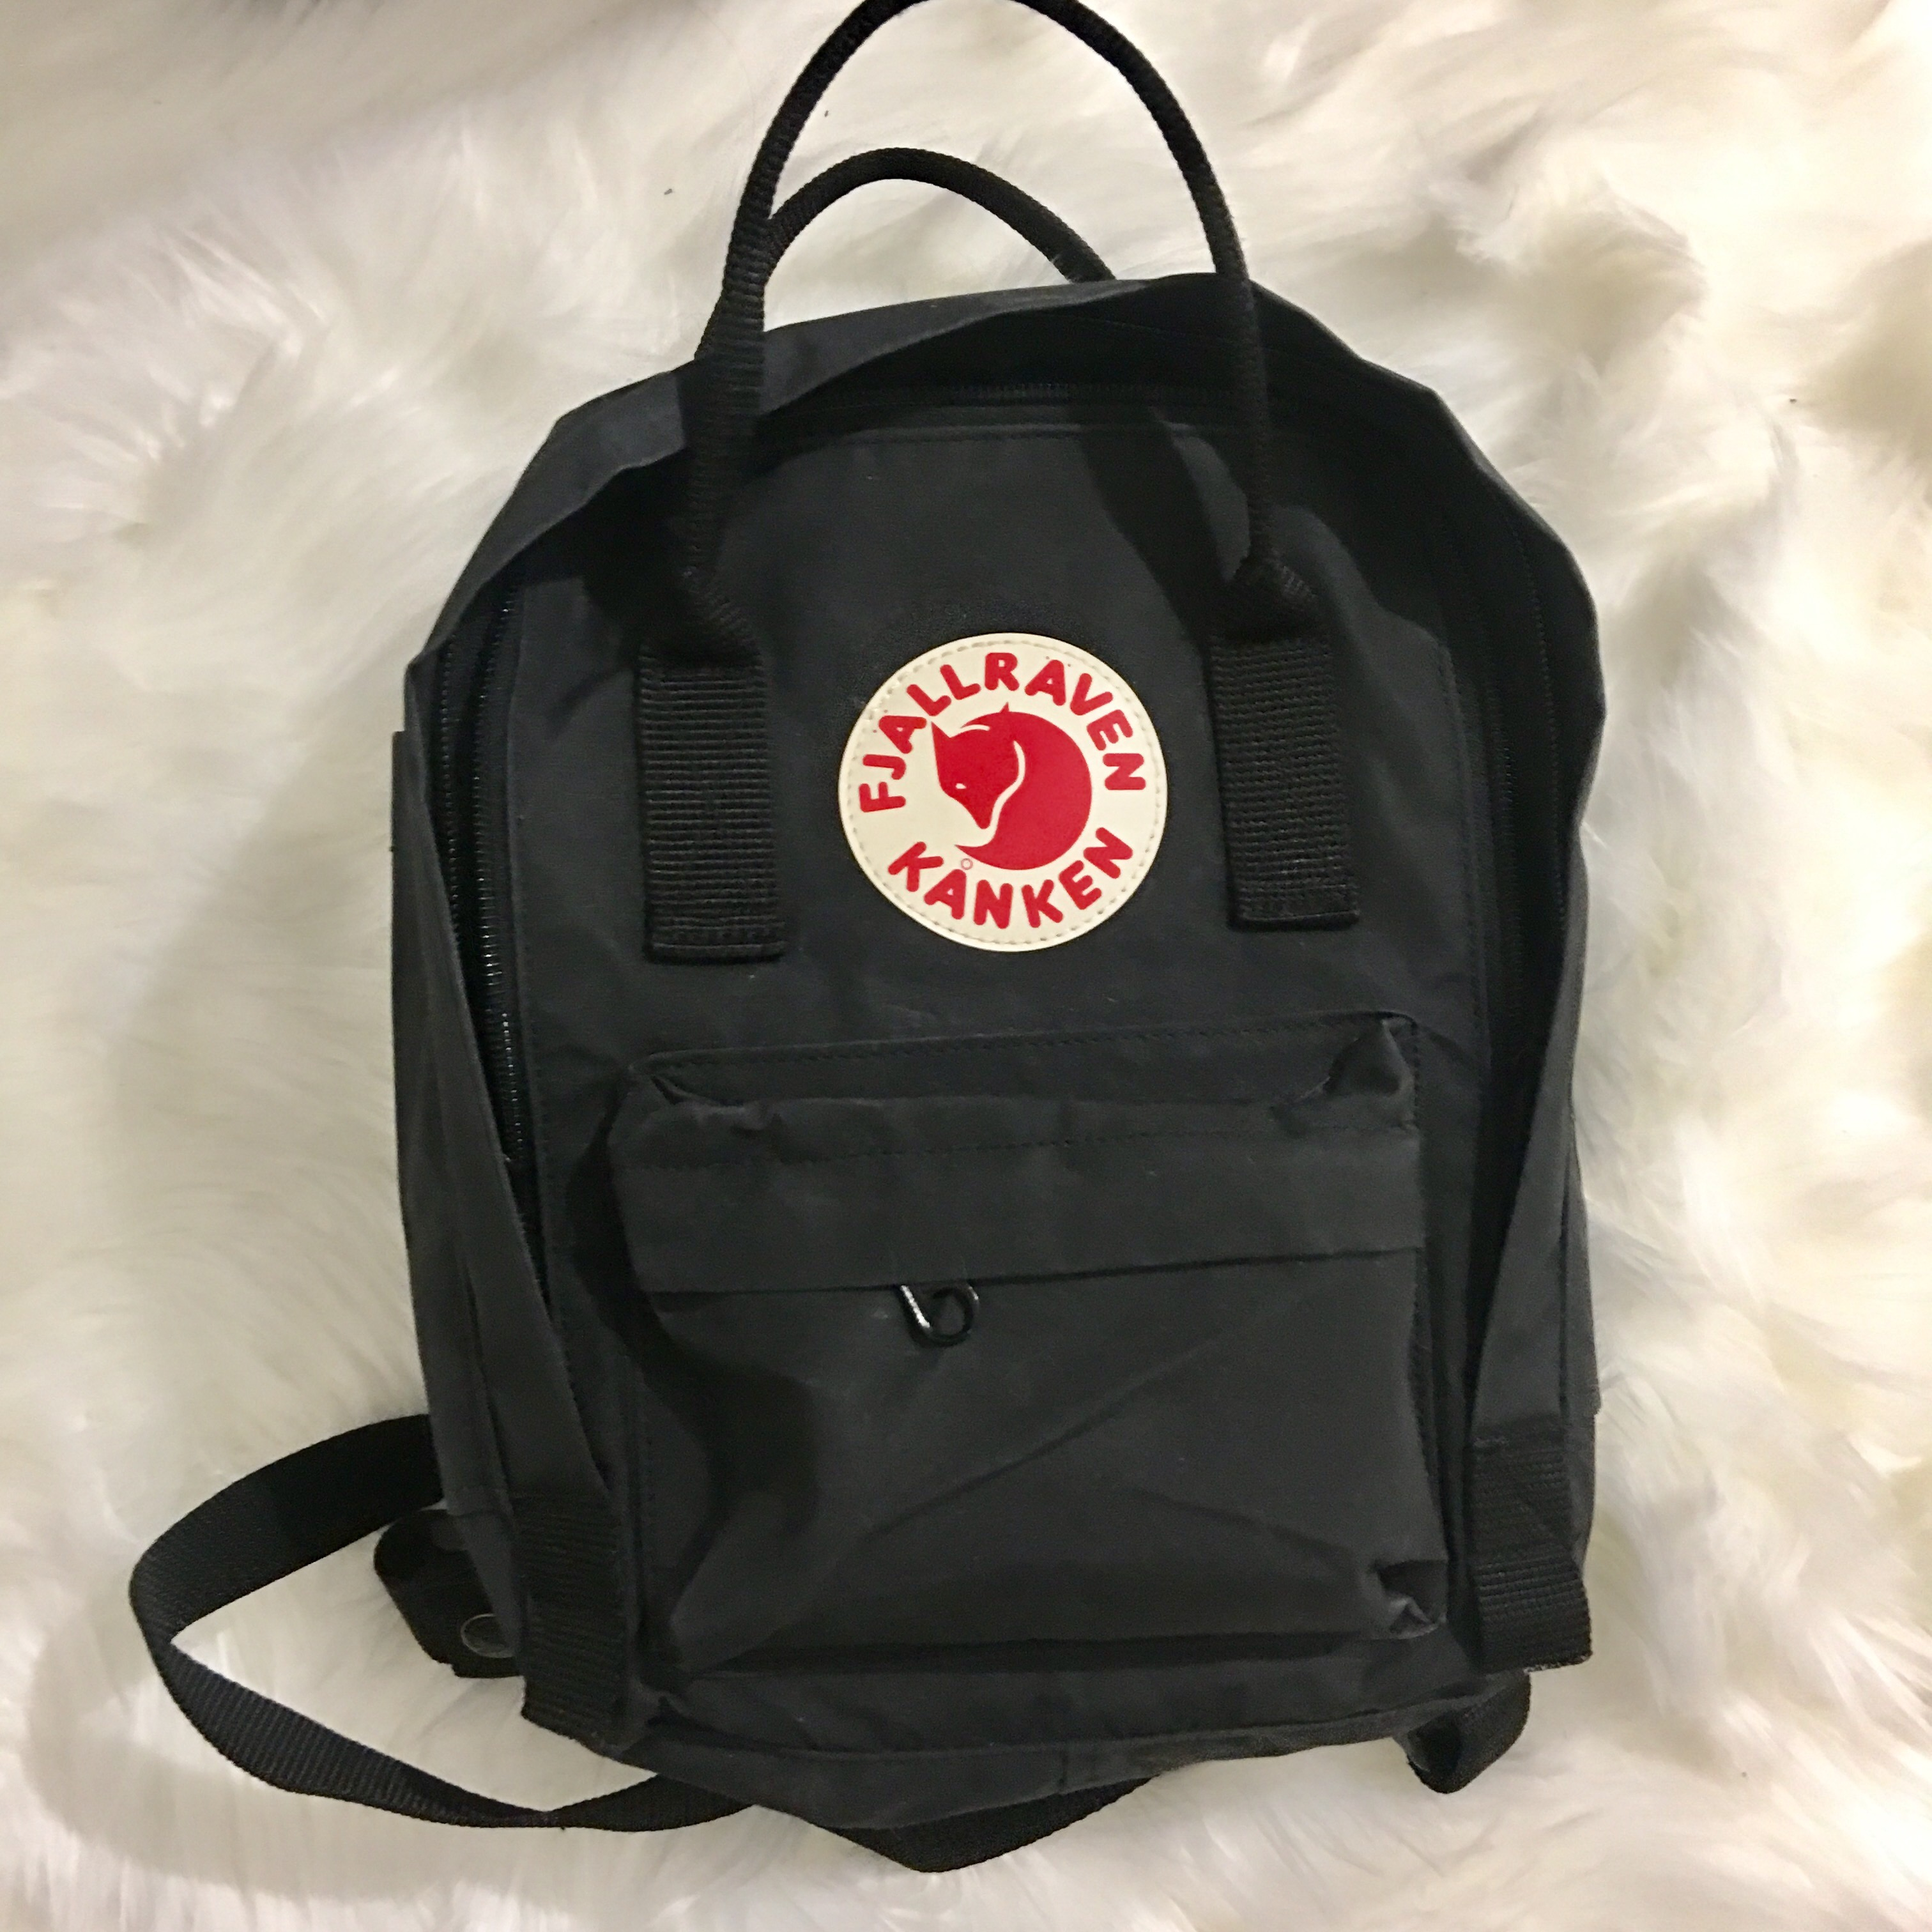 nieuwe lagere prijzen grote korting online te koop Review: Fjallraven Kanken Mini Backpack | VOGUE INFATUATION